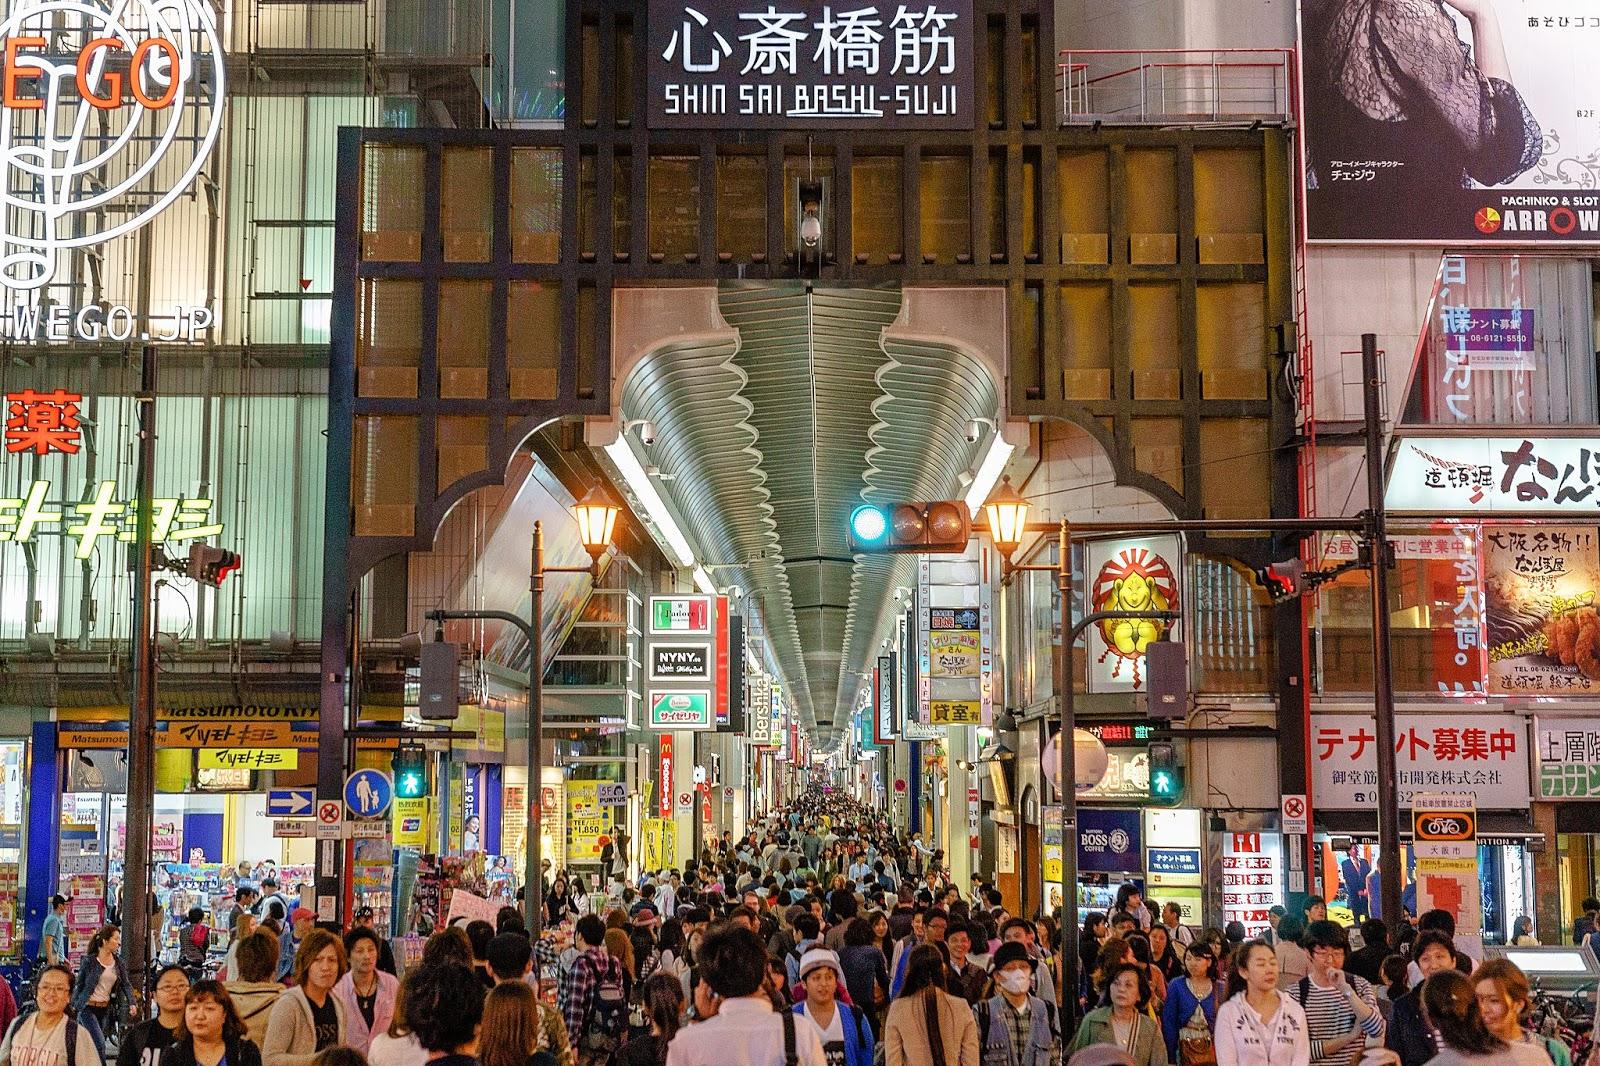 大阪-景點-推薦-心齋橋-逛街-購物-自由行-必遊-必去-旅遊-觀光-行程-日本-osaka-tourist-attraction-travel